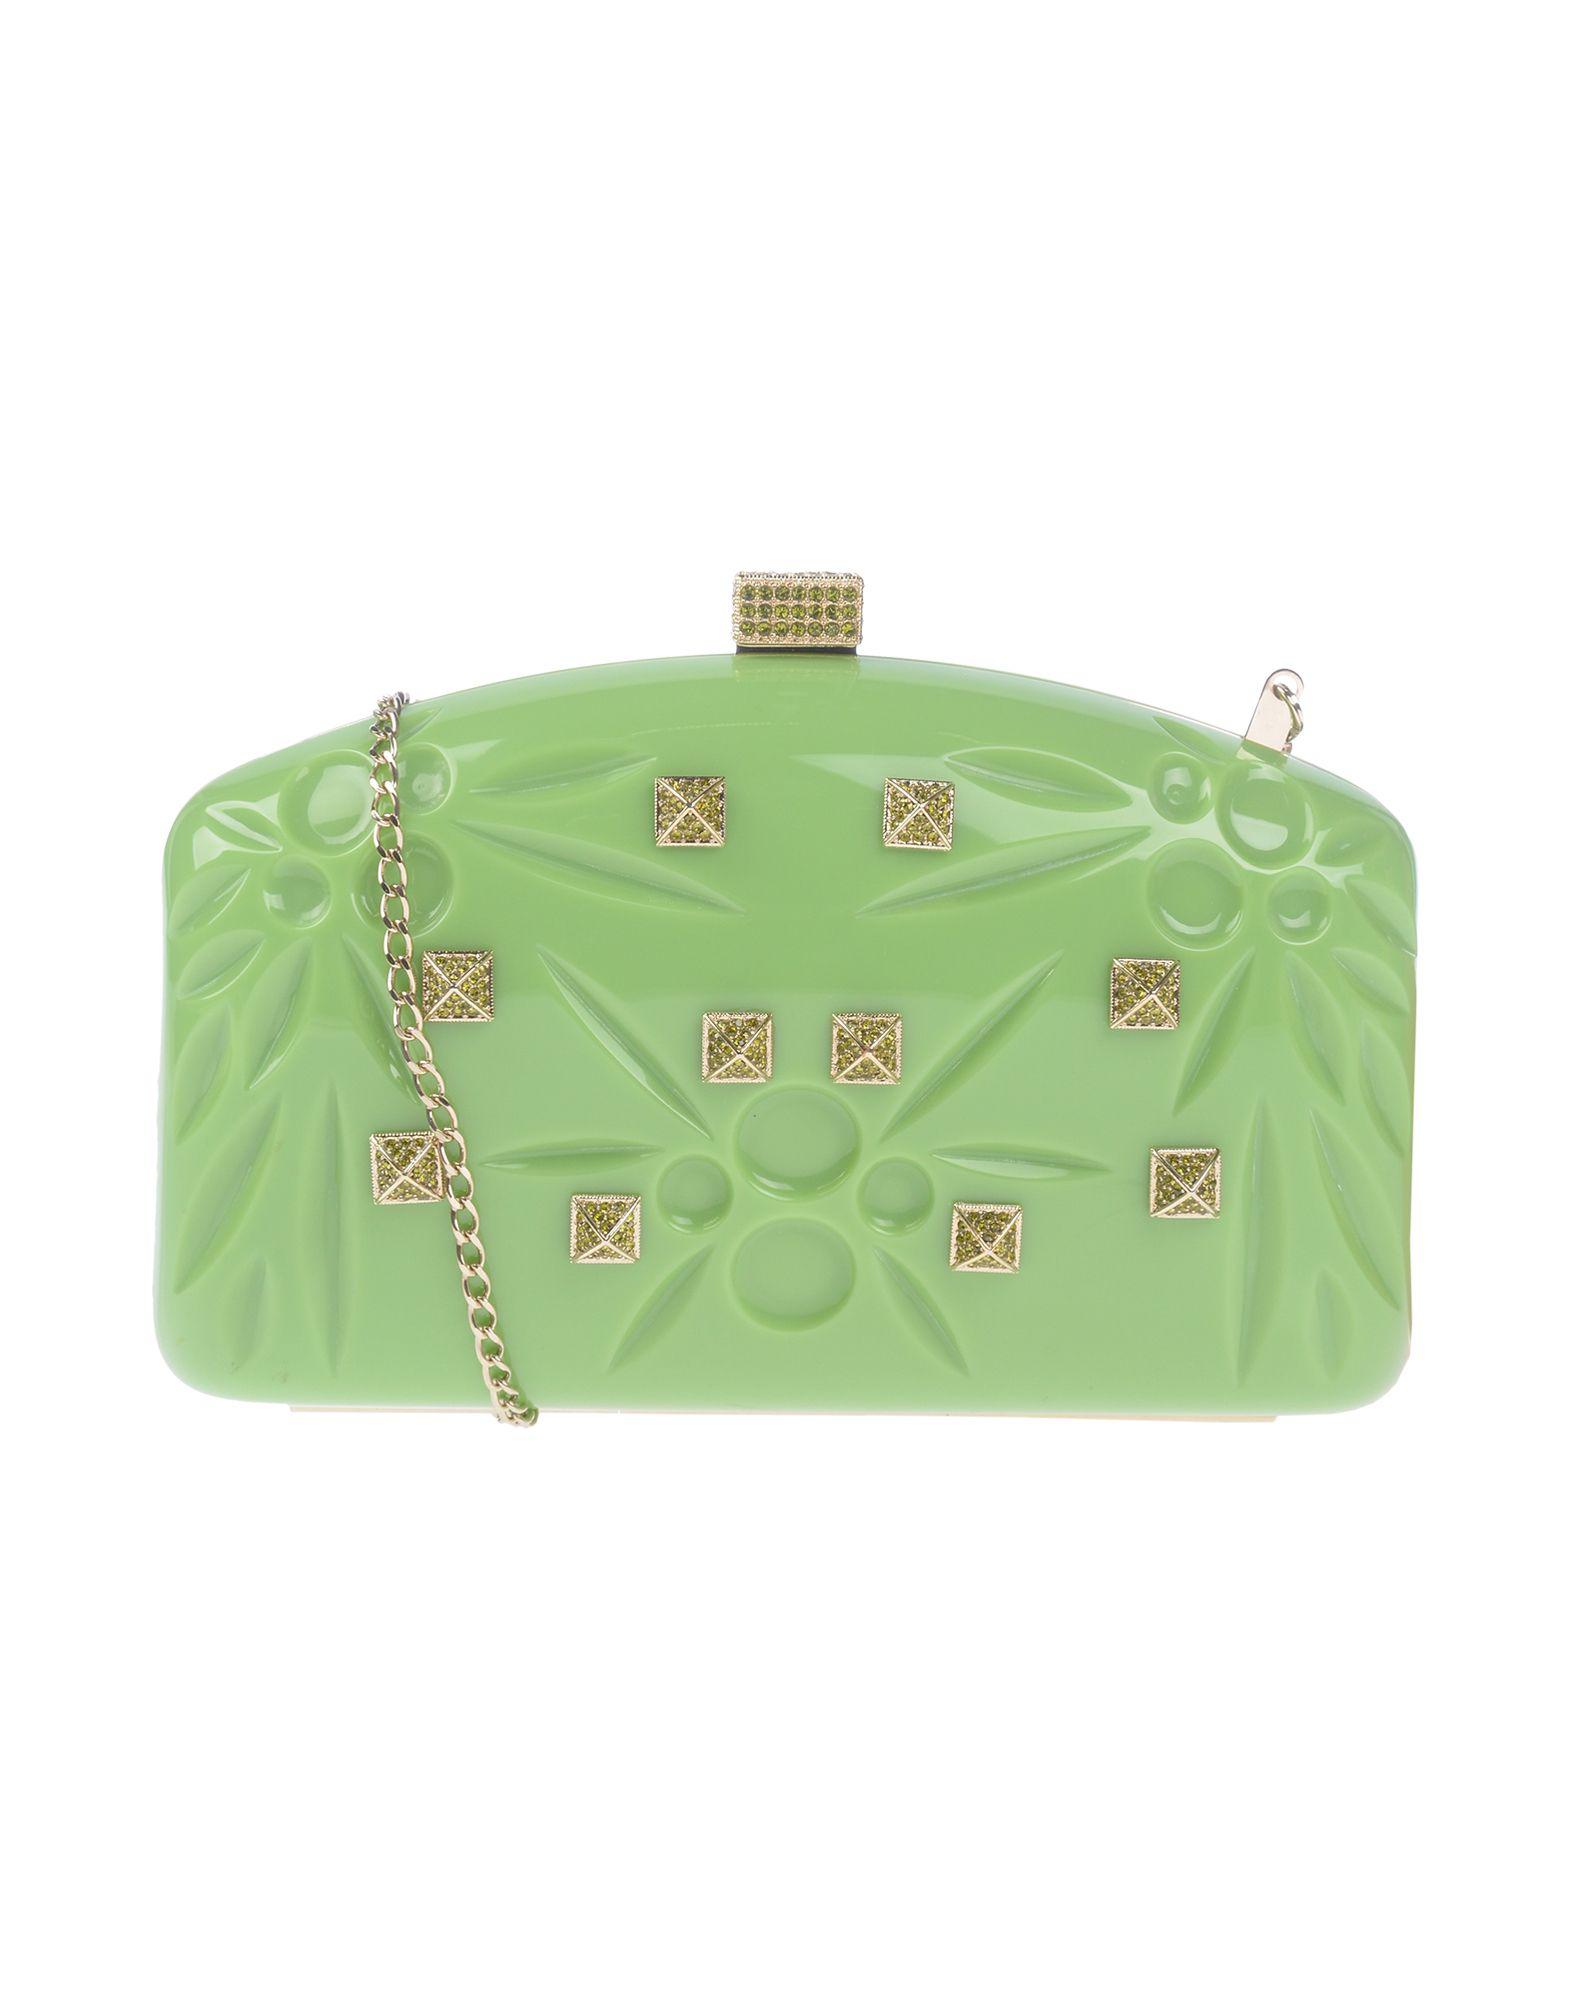 Valentino Handbag In Light Green